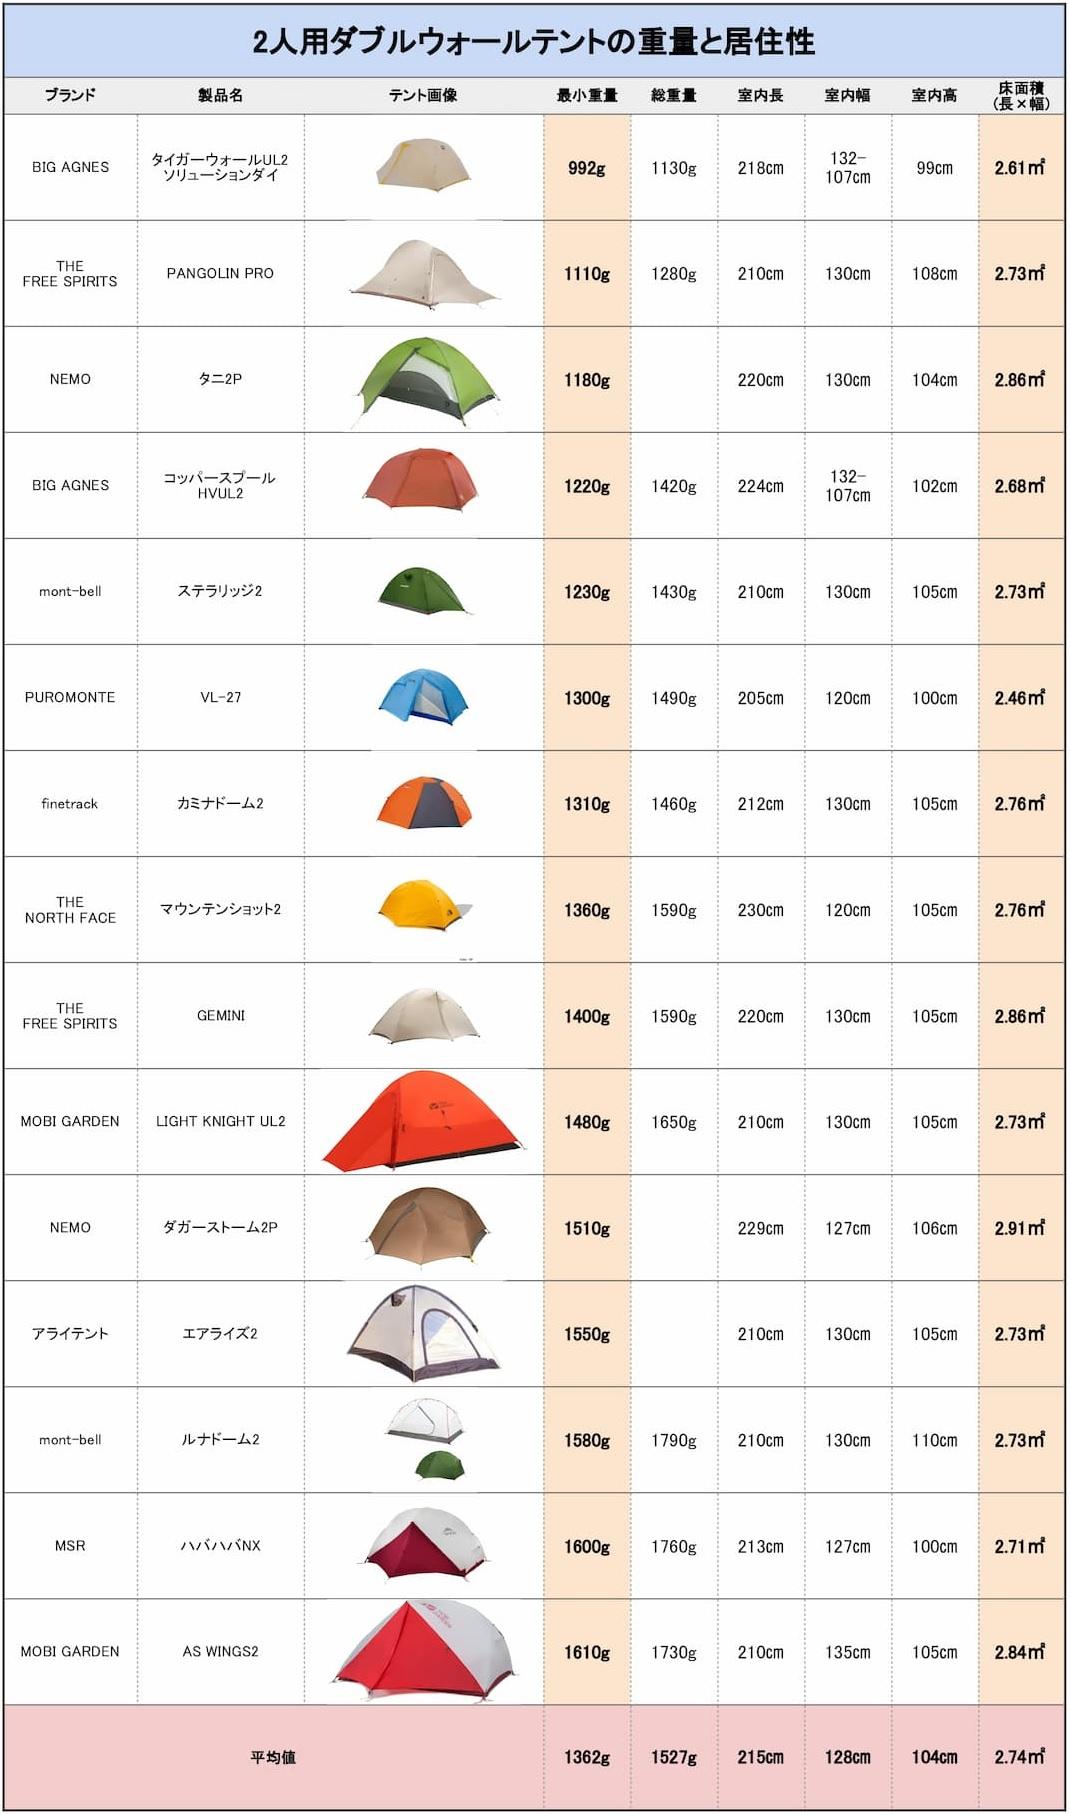 2人用テントの重量と居住性